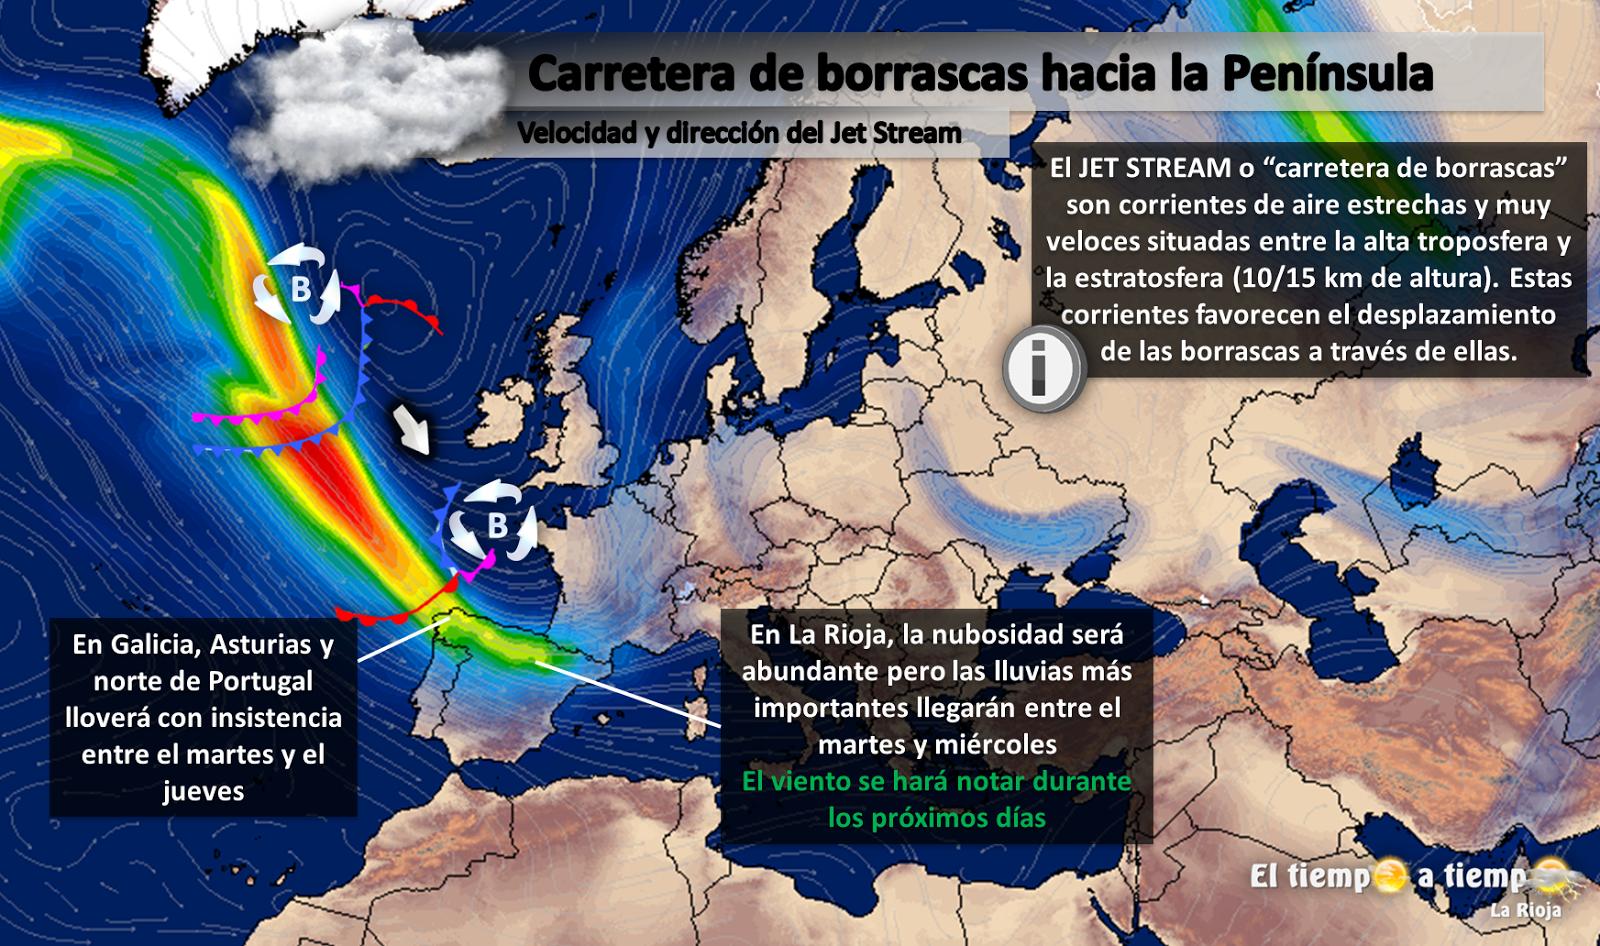 El Tiempo A Tiempo La Rioja Predicción Meteorológica Lunes 14 Al